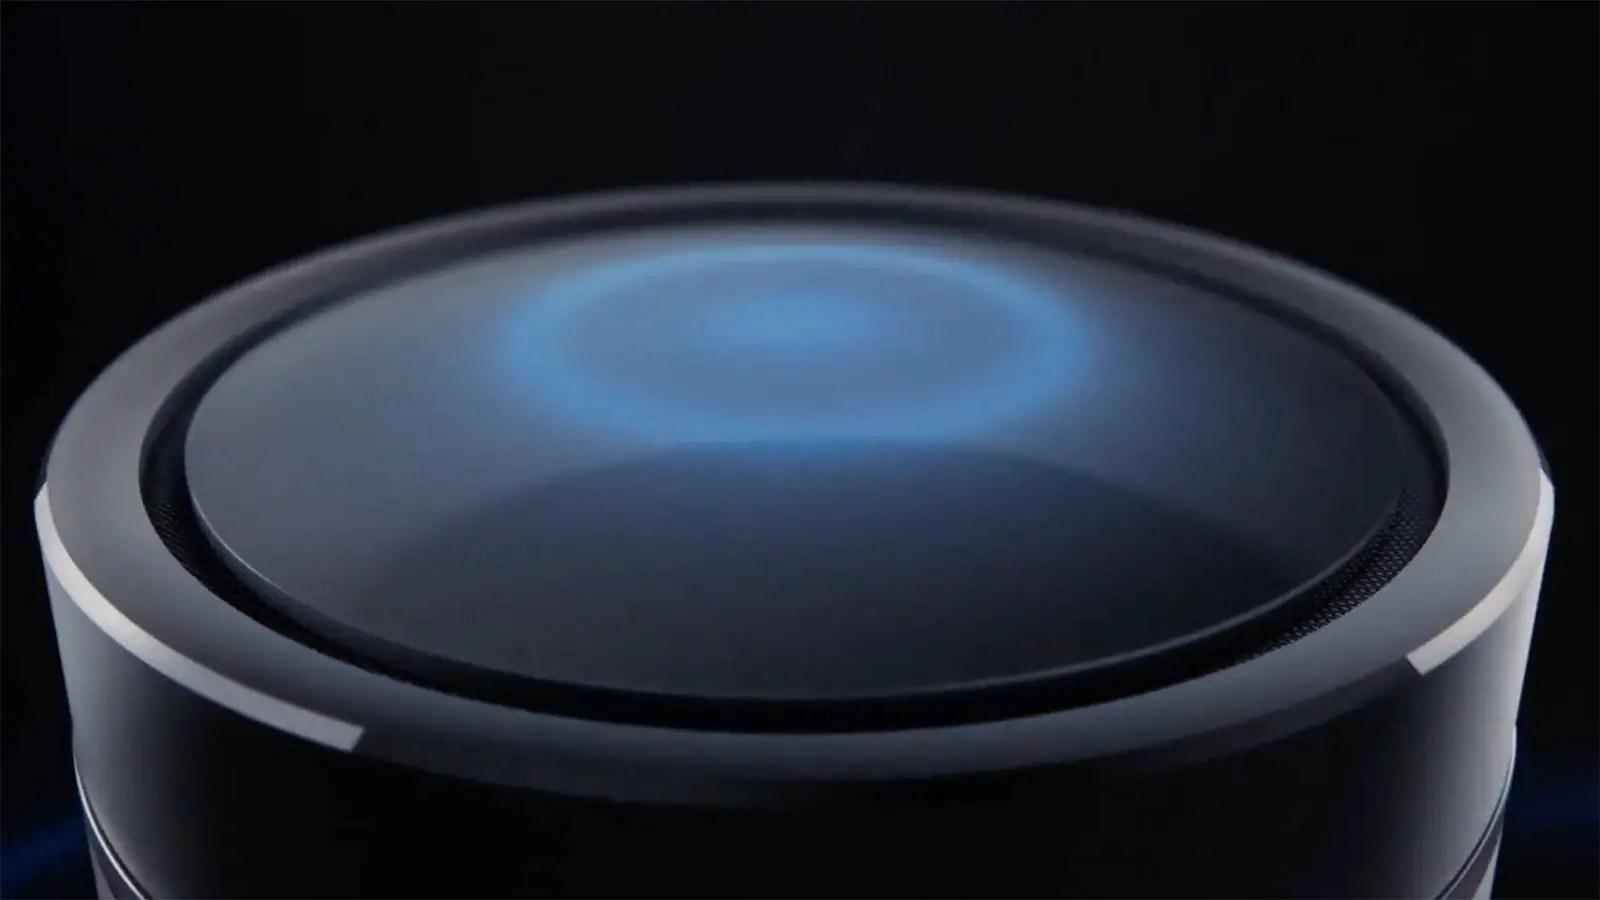 Cortana coming to Harmon Kardon Speakers